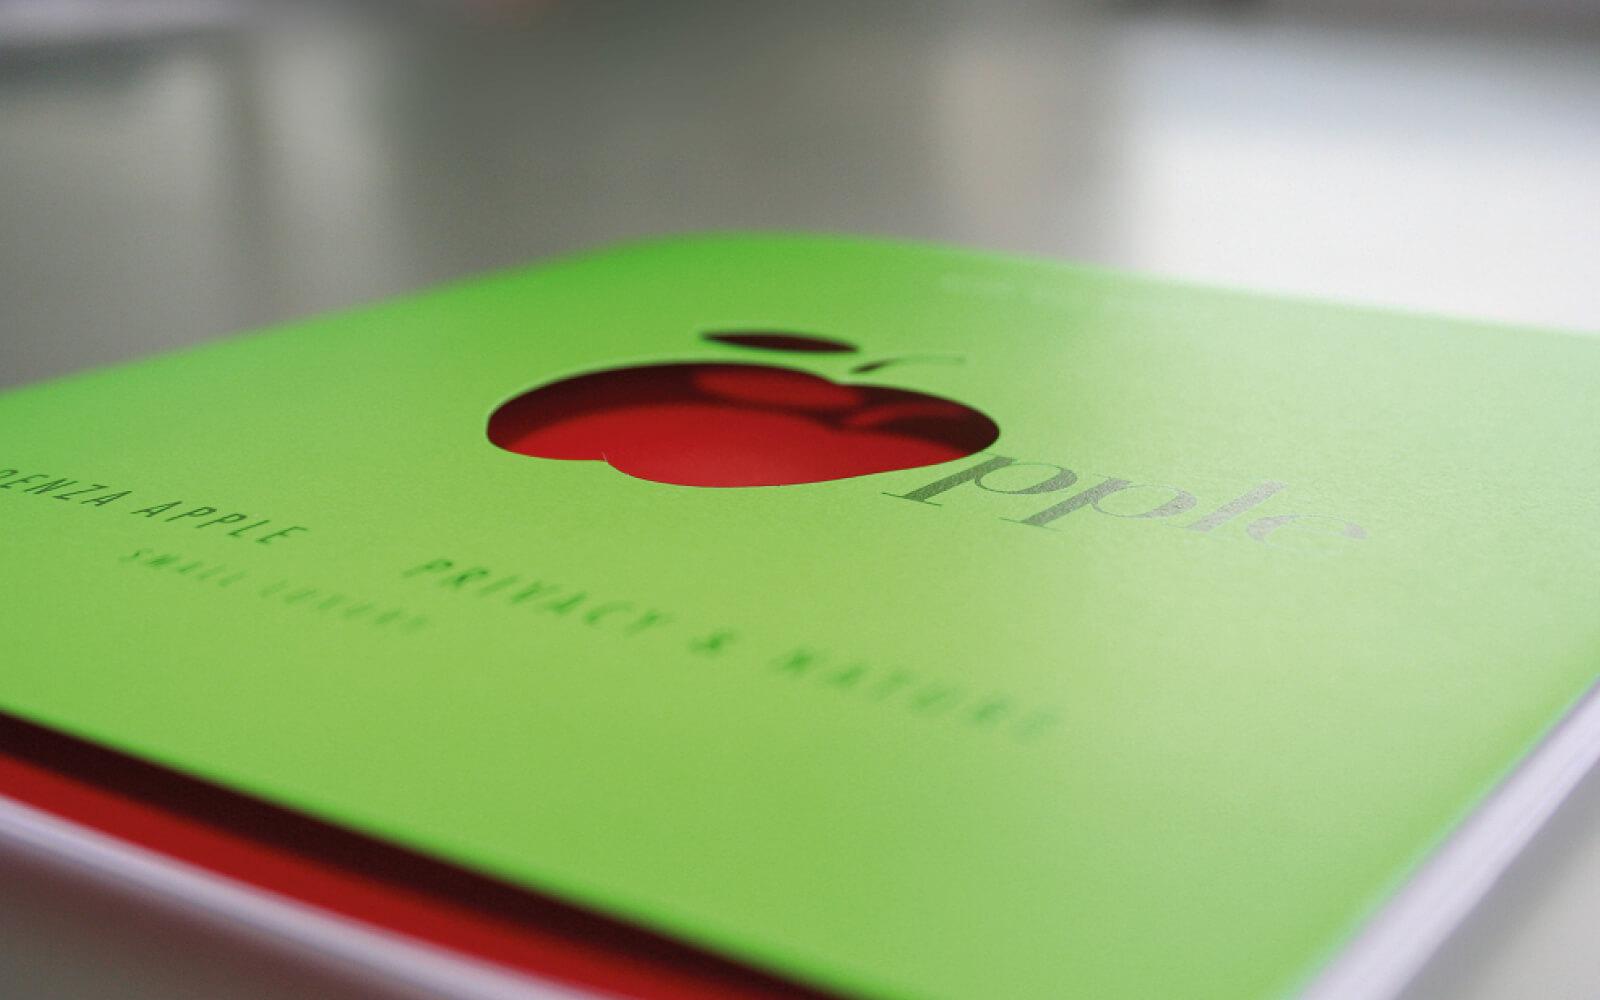 dettaglio progetto grafico della copertina verde fluorescente e fustella per brochure Apple. Progetto grafico dello studio di grafica Diade studio Arco di Trento